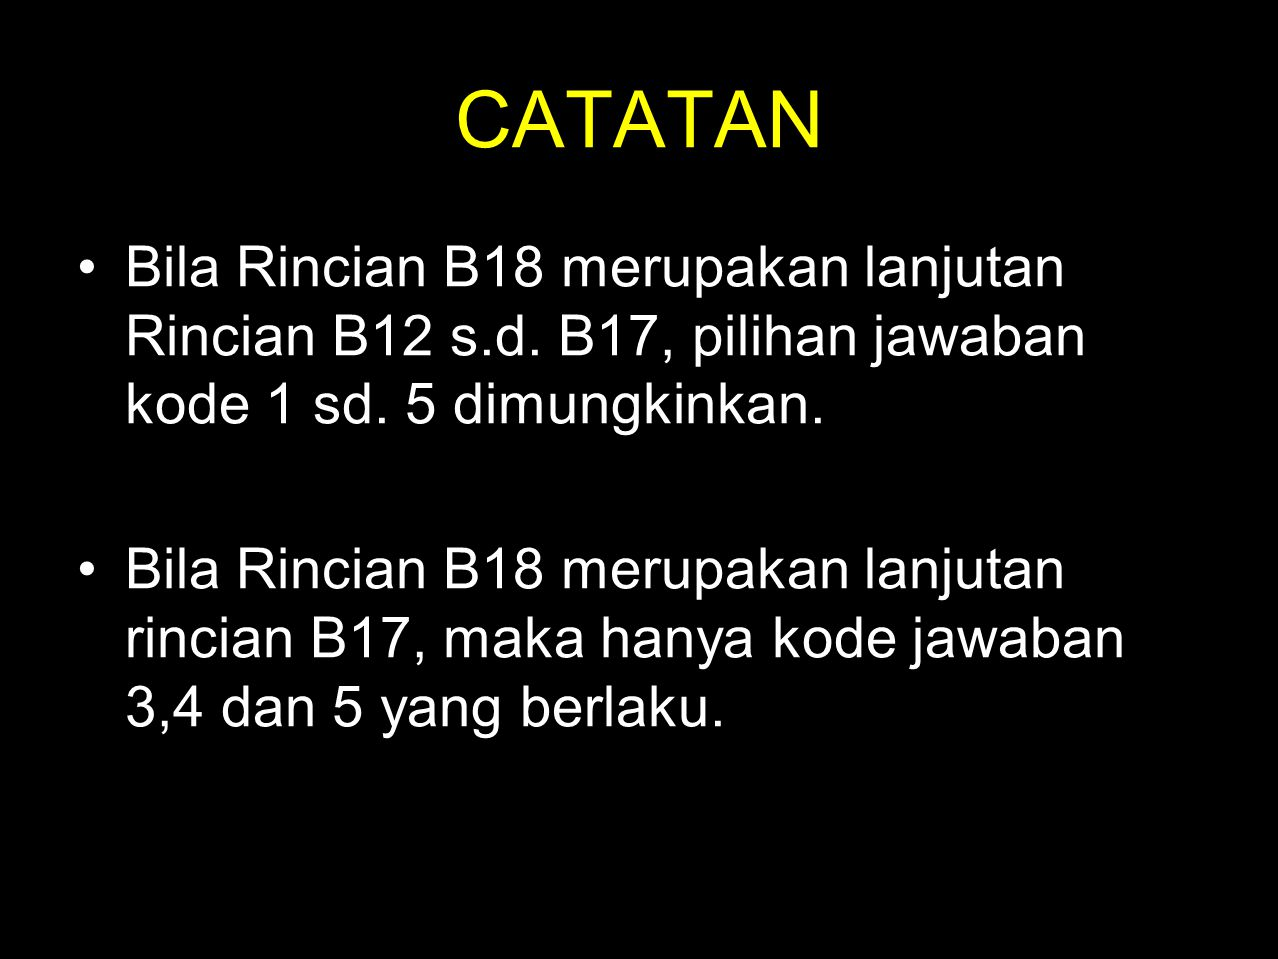 CATATAN Bila Rincian B18 merupakan lanjutan Rincian B12 s.d. B17, pilihan jawaban kode 1 sd. 5 dimungkinkan.